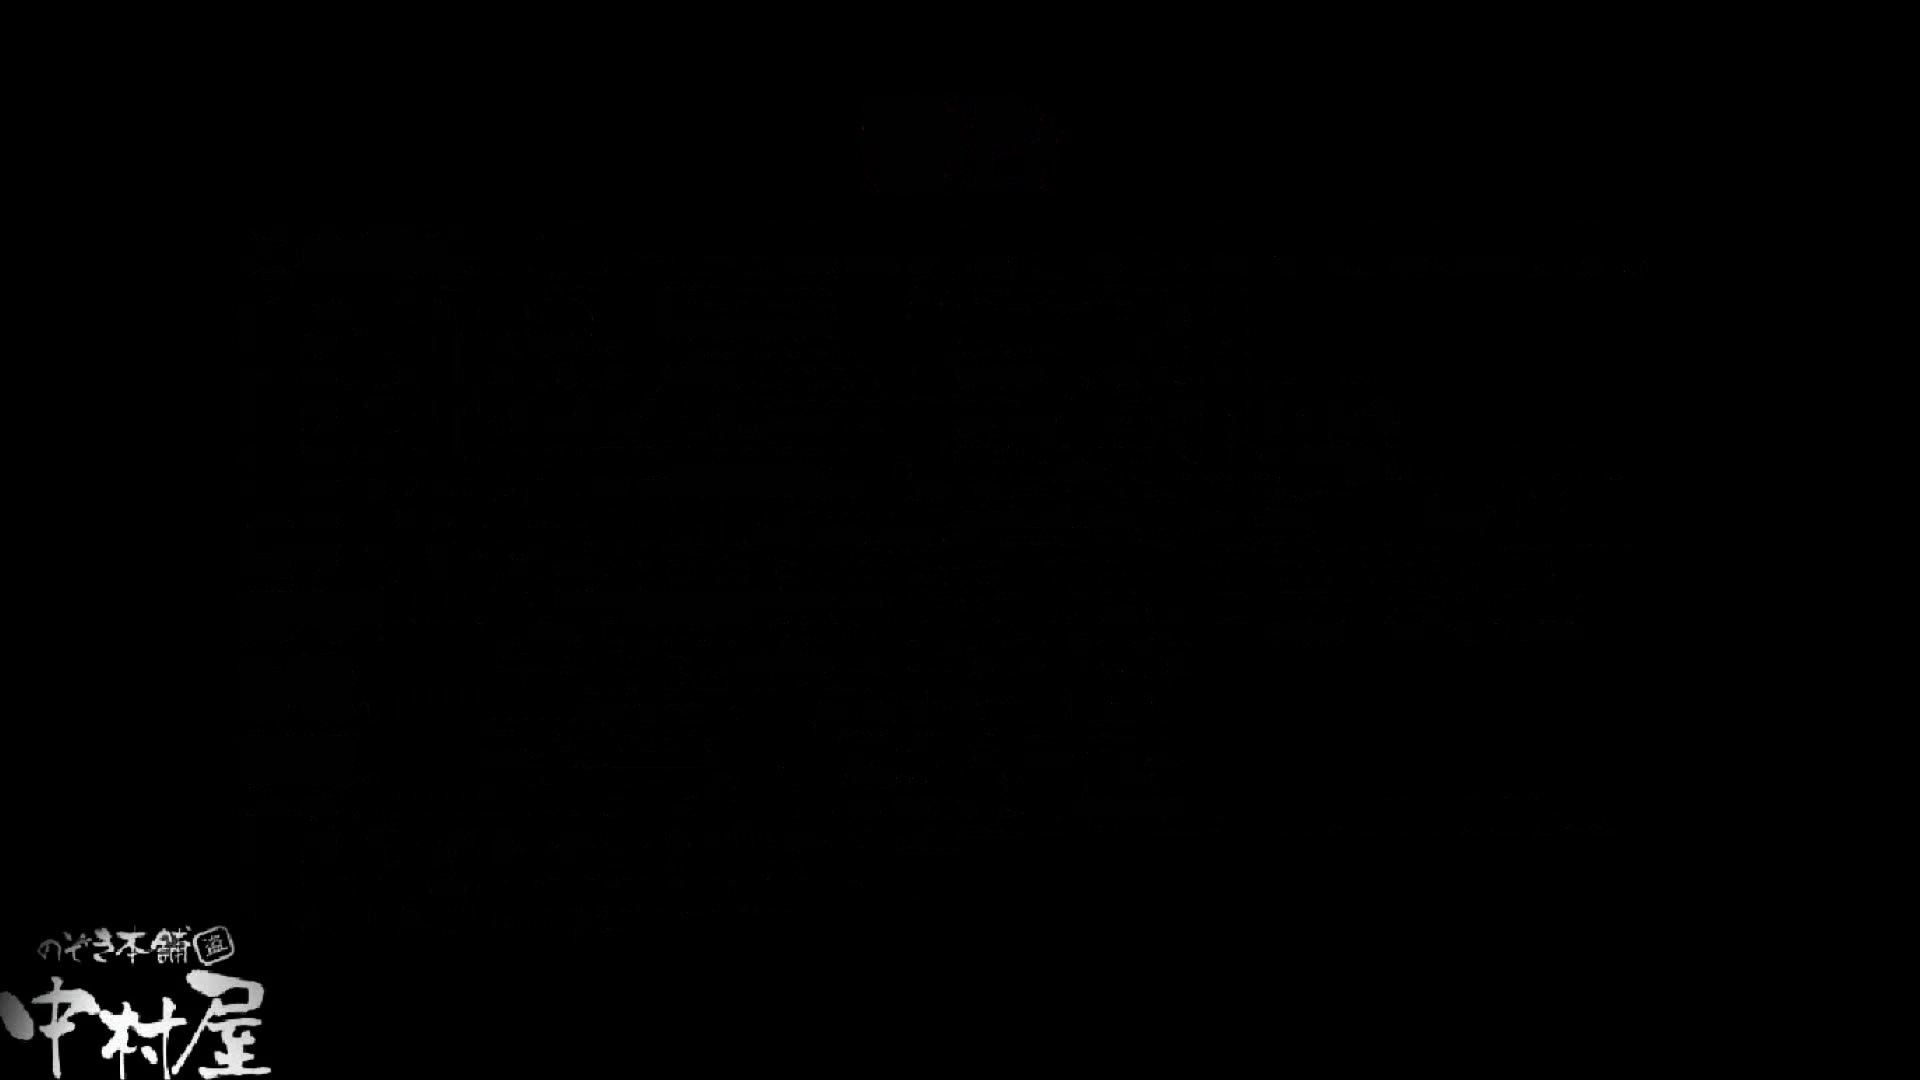 魂のかわや盗撮62連発! 綺麗な桃尻をドアップで! 19発目! 禁断の黄金水 エロ無料画像 108pic 35